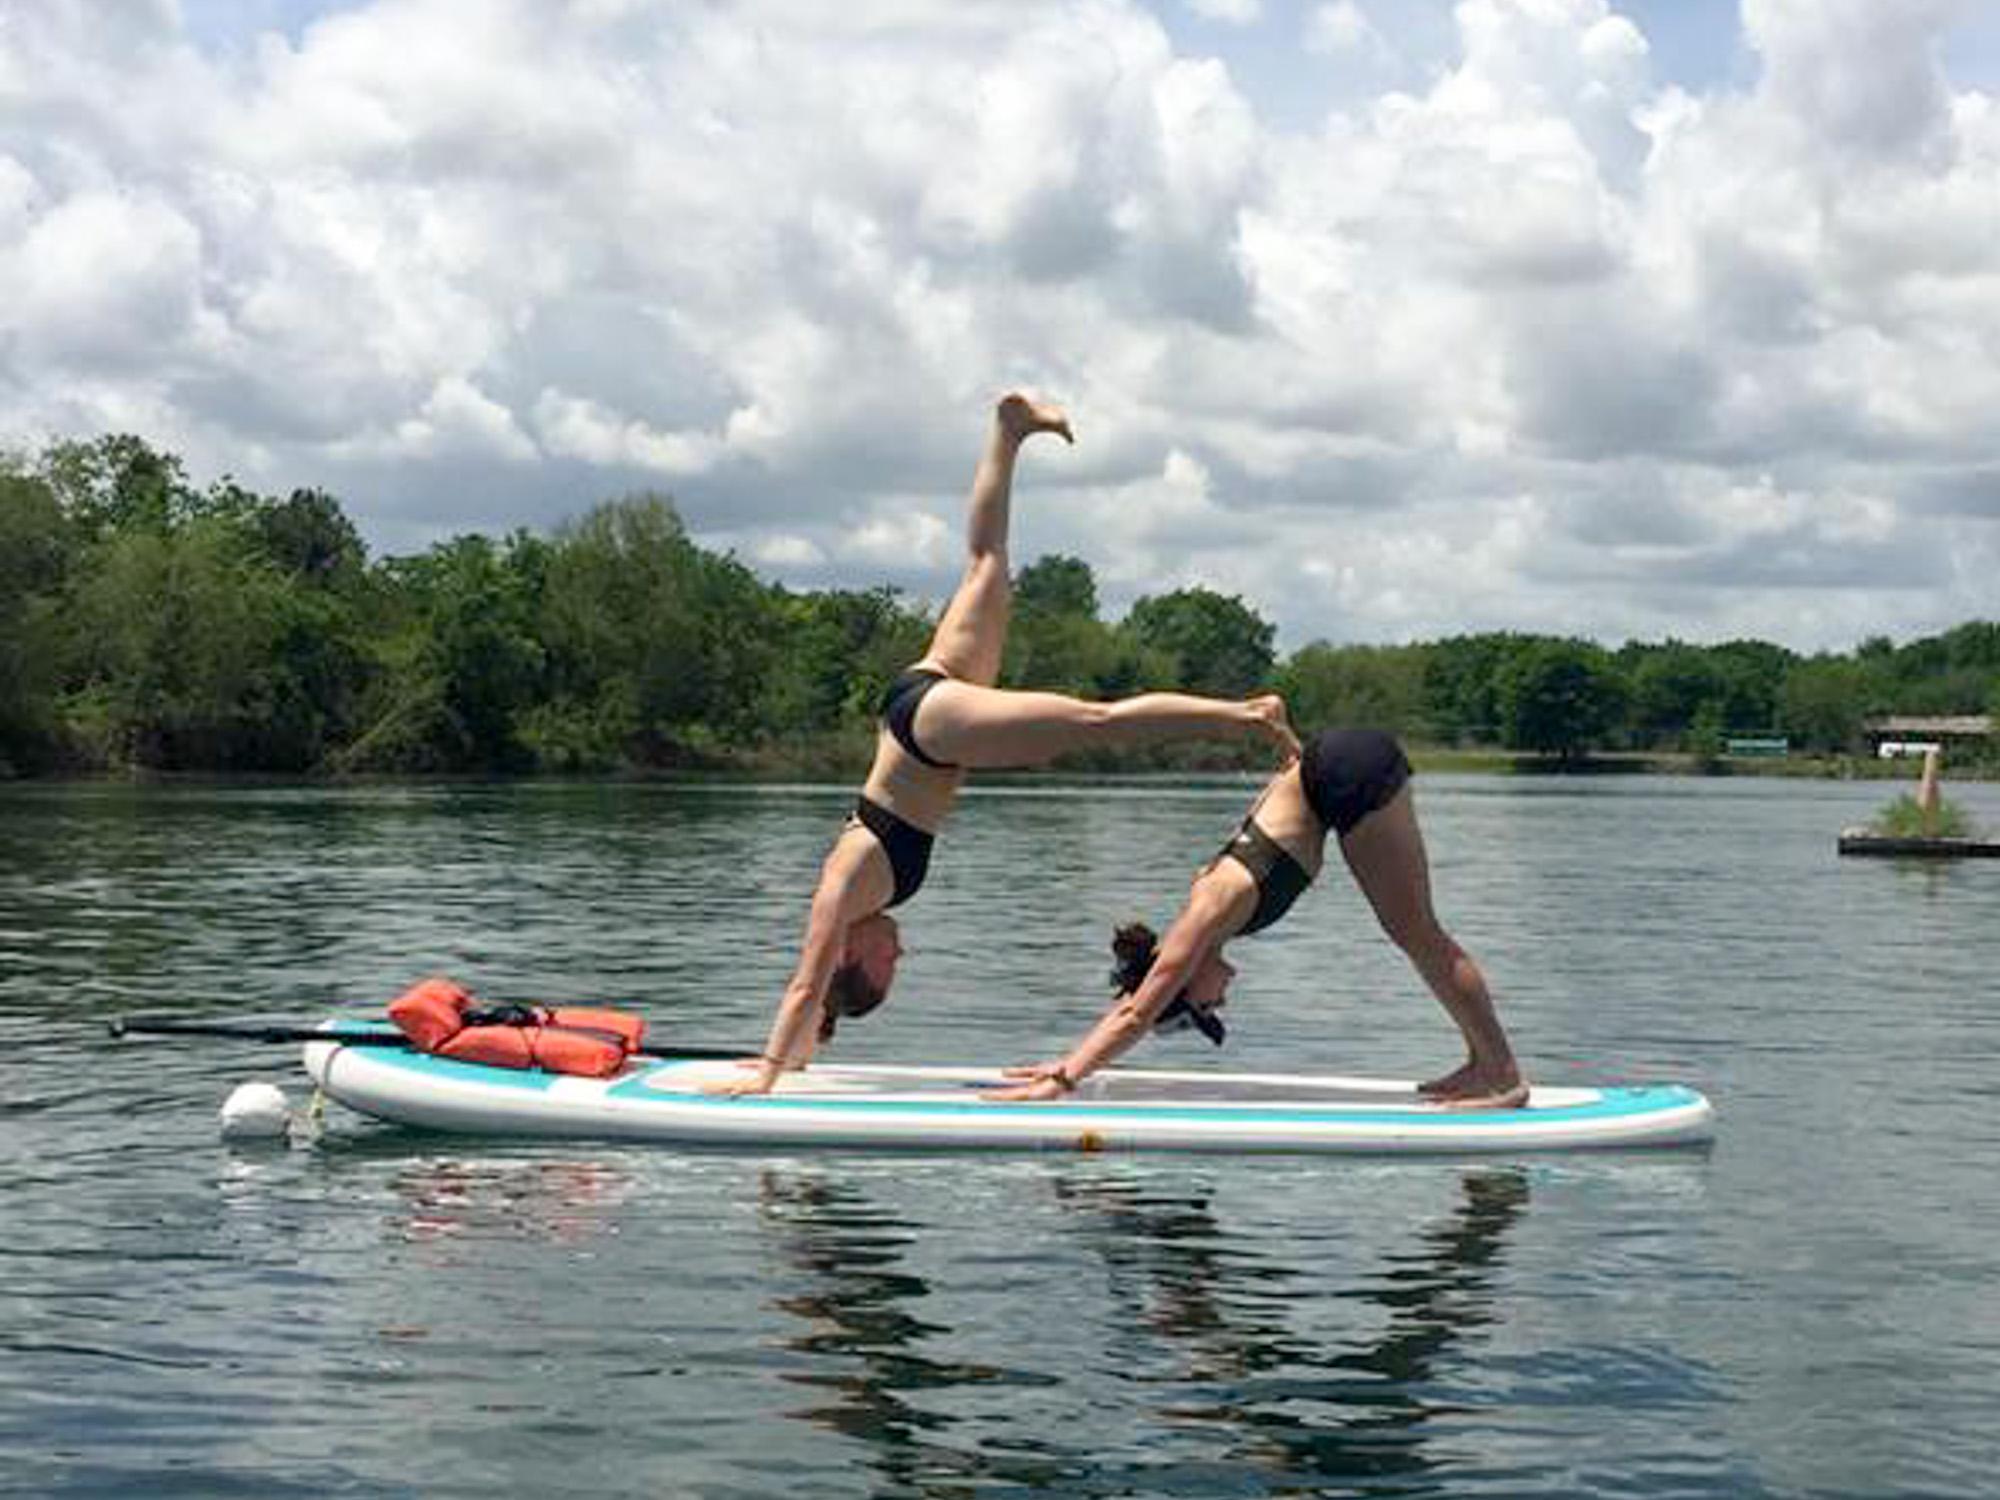 sup yoga photography tips